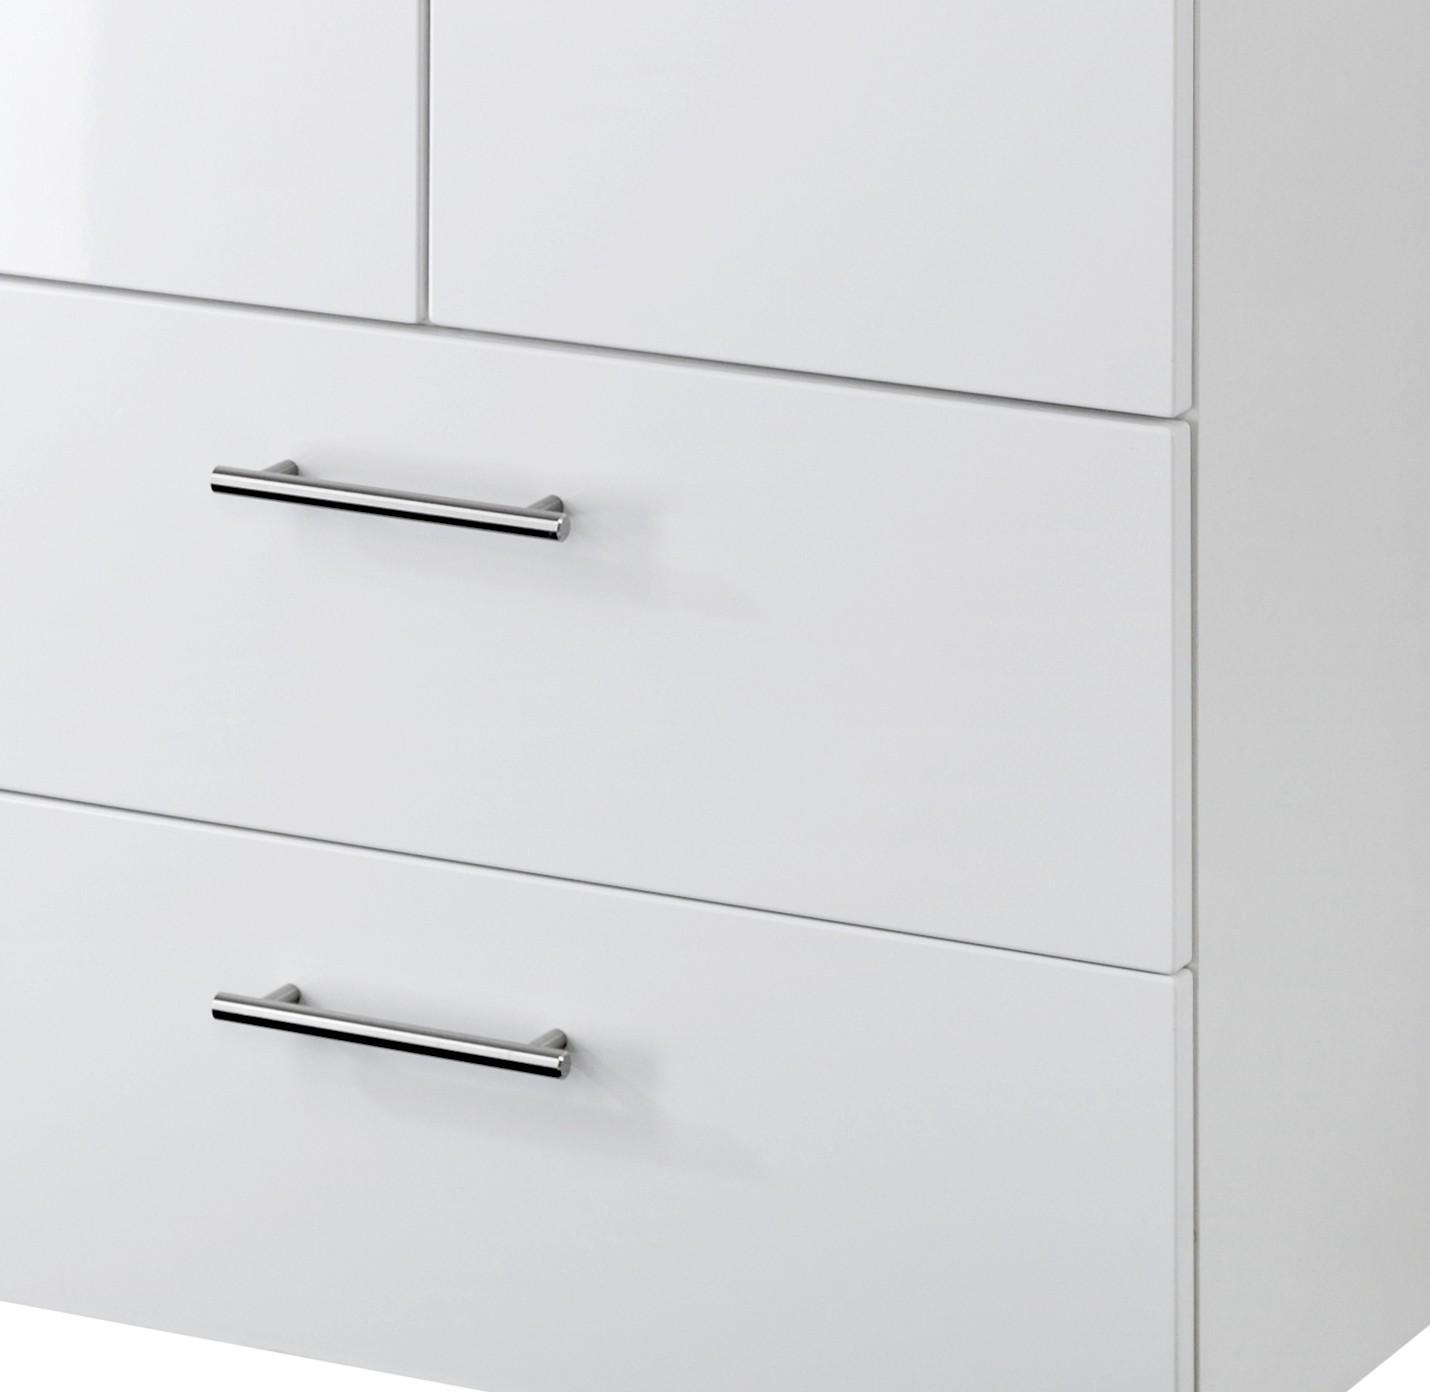 bad midischrank blanco 2 t rig 2 schubladen 70 cm breit hochglanz wei bad bad midischr nke. Black Bedroom Furniture Sets. Home Design Ideas